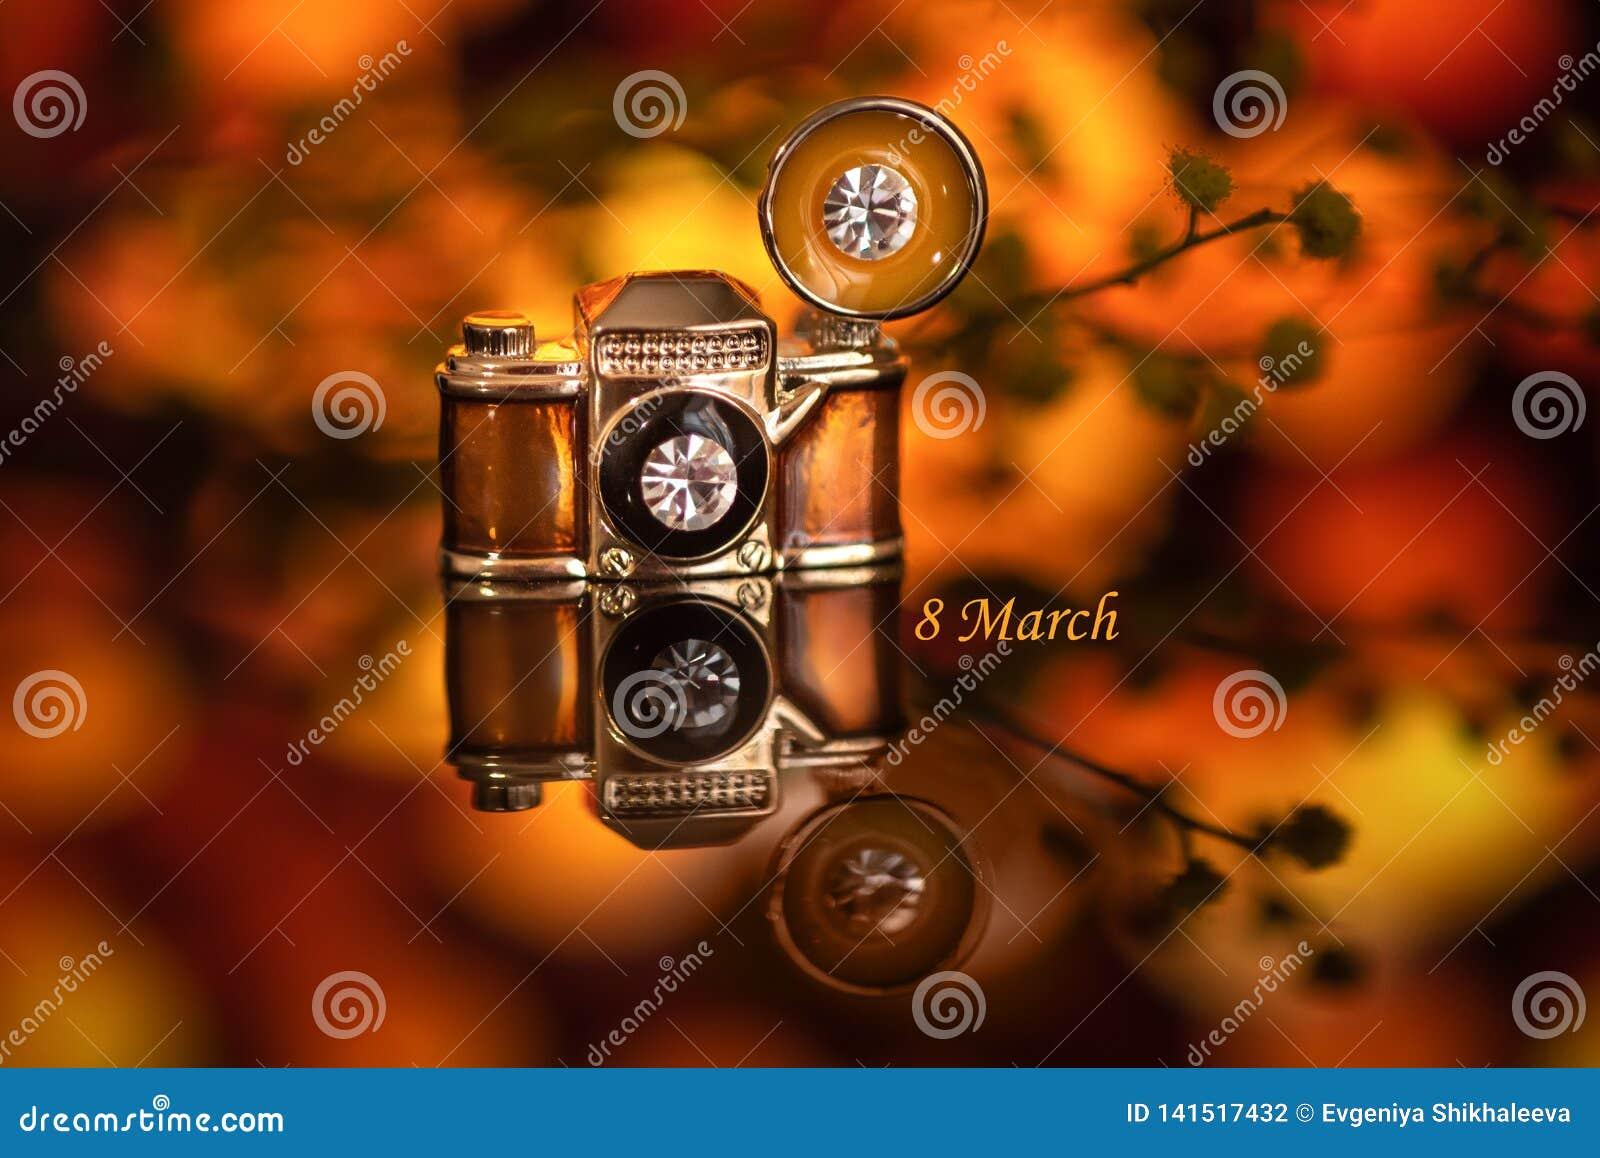 Μια μικρή πόρπη υπό μορφή κάμερας σε ένα πορτοκαλί υπόβαθρο